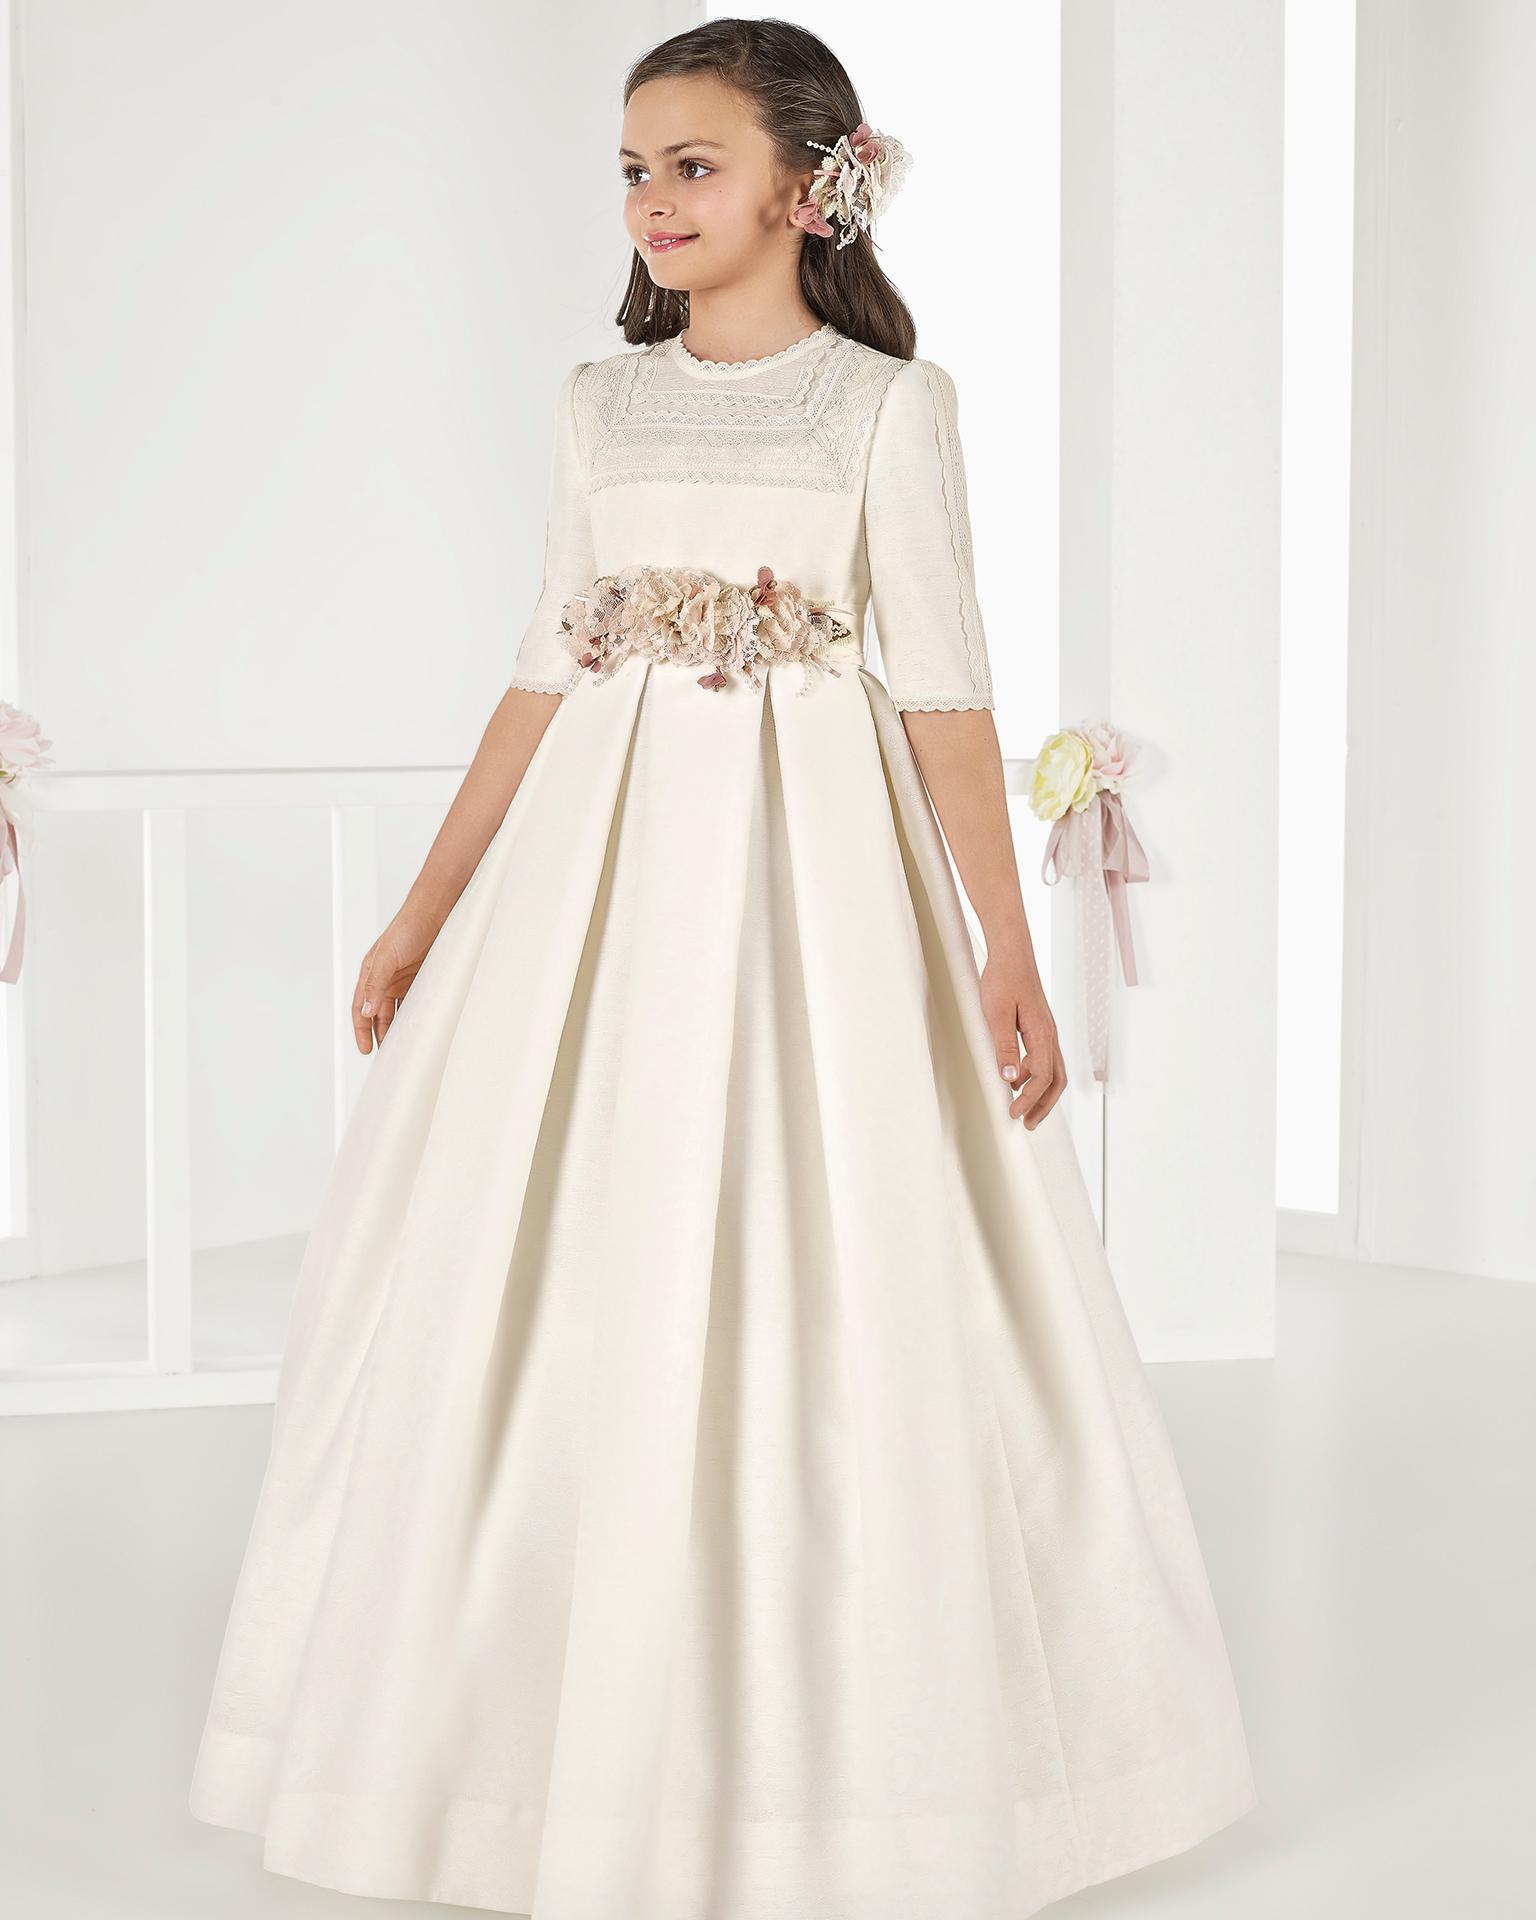 Rochie stil prințesă pentru comuniune din brocart, cu talie imperială, de culoare ivorie. Colecția AIRE COMUNION 2018.